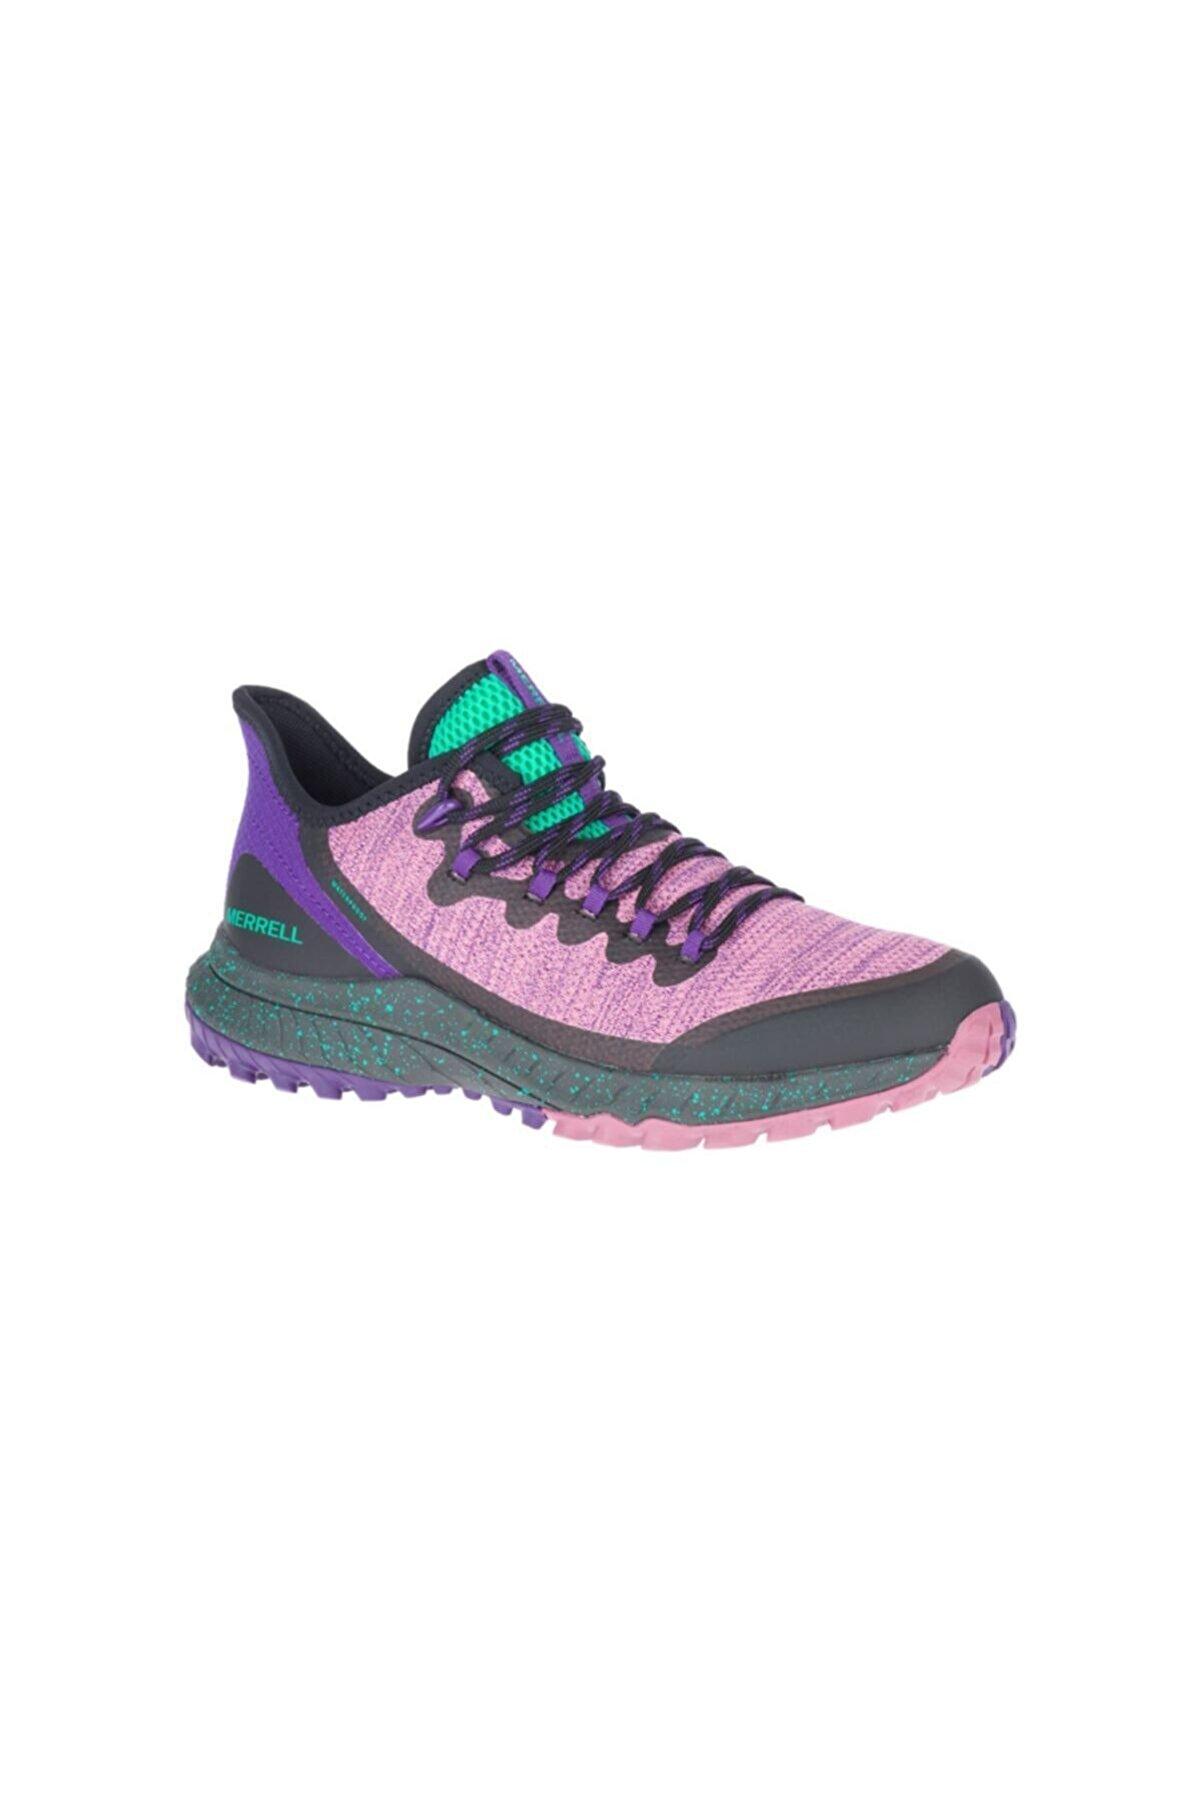 Merrell Bravada Kadın Outdoor Ayakkabı